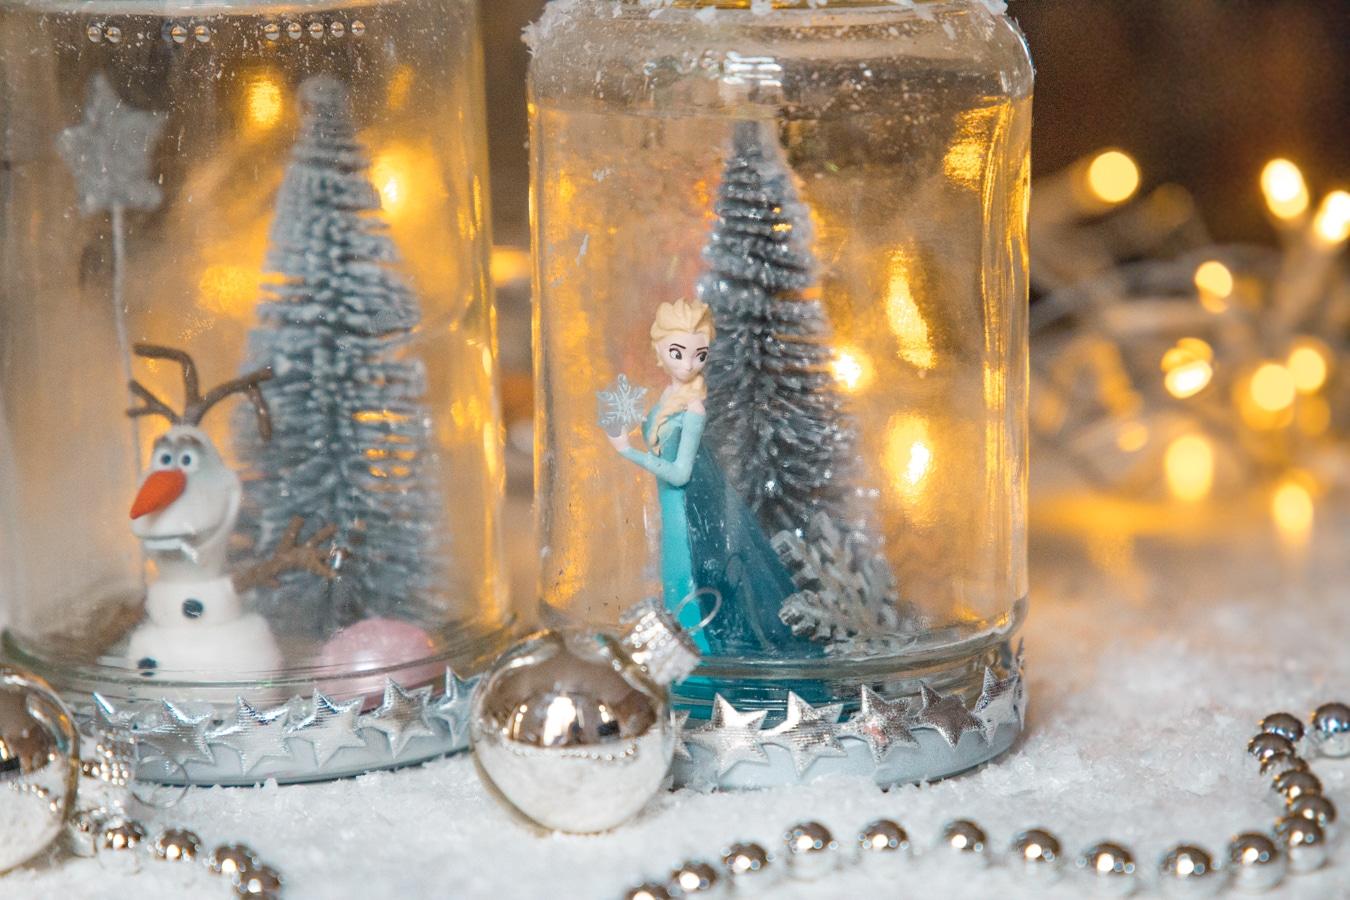 DIY Weihnachtsgeschenk - Schneekugeln aus alten Gläsern basteln